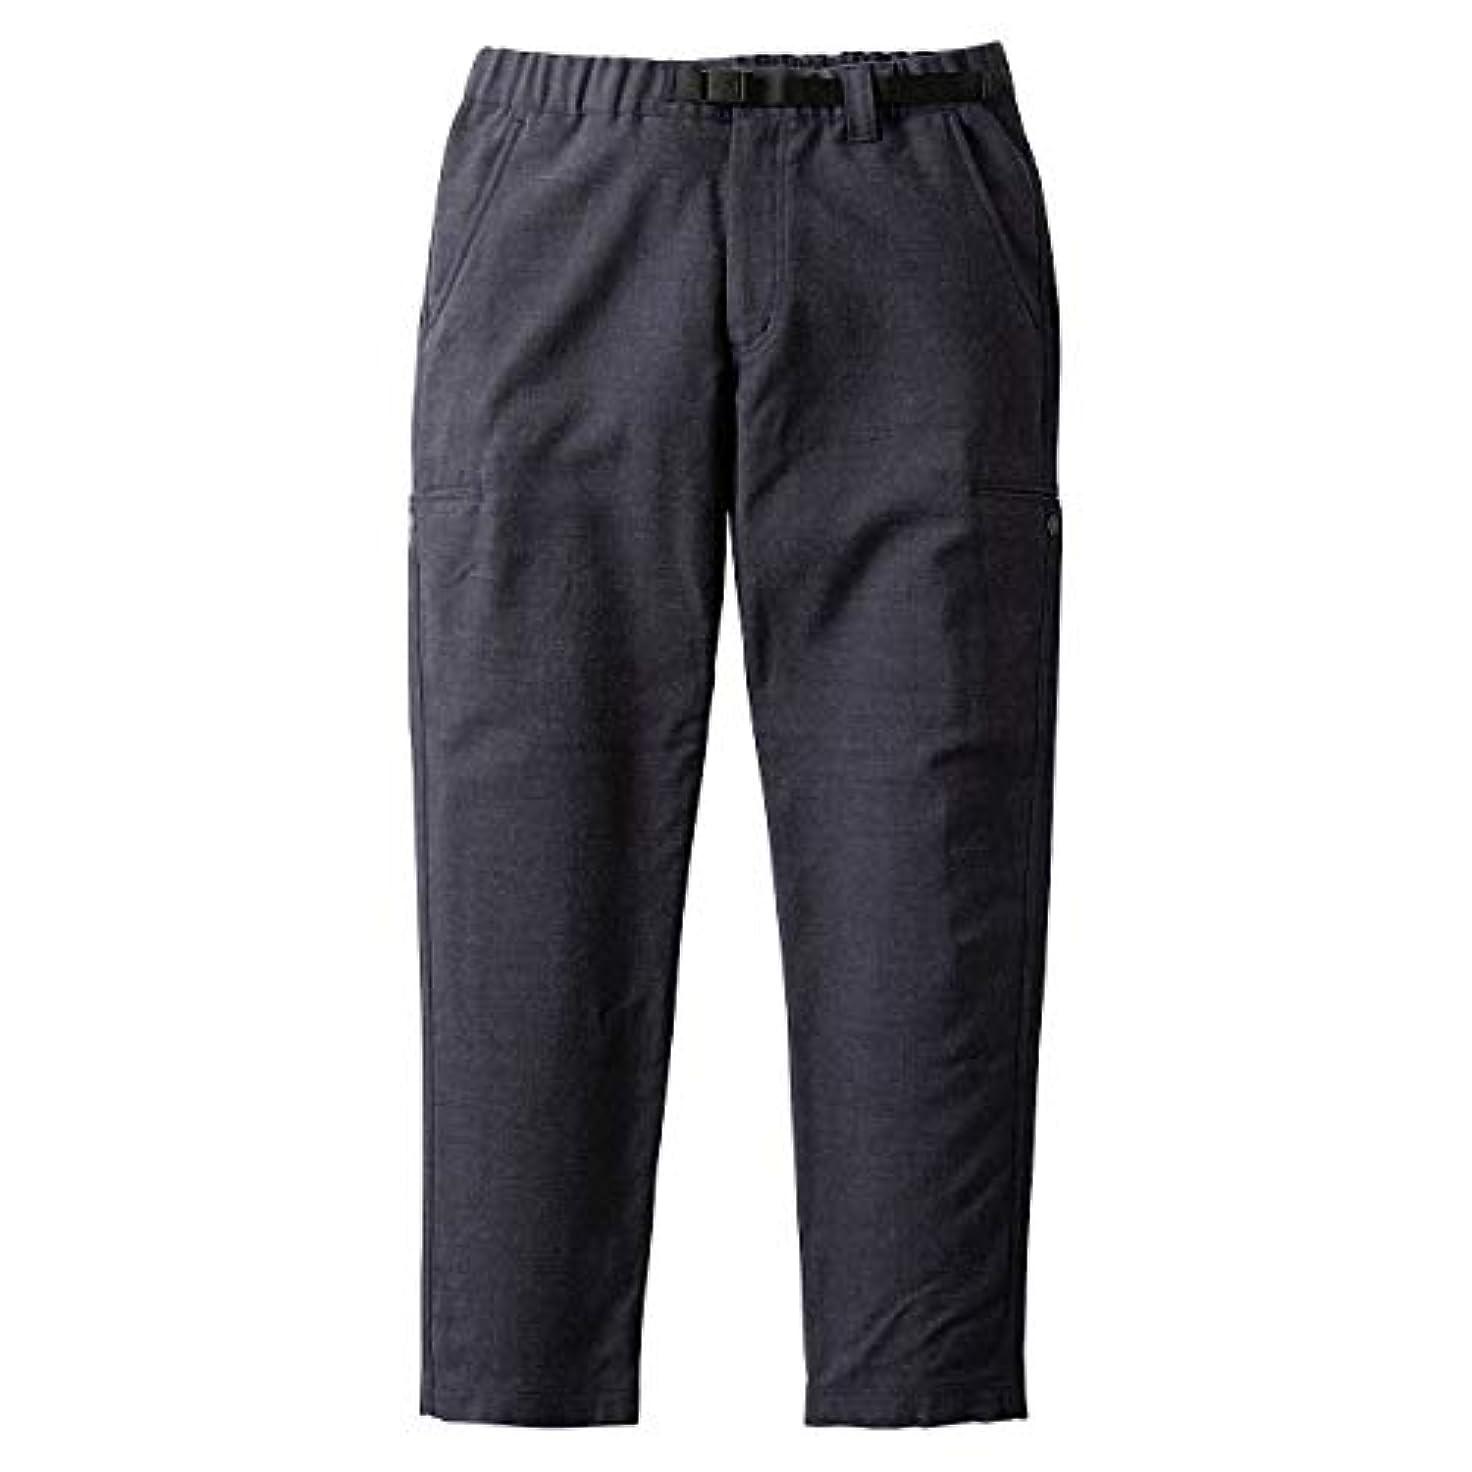 関係スリーブピッチ[ザ?ノース?フェイス] ドットポケットウールパンツ Dot Pocket Wool Pant メンズ